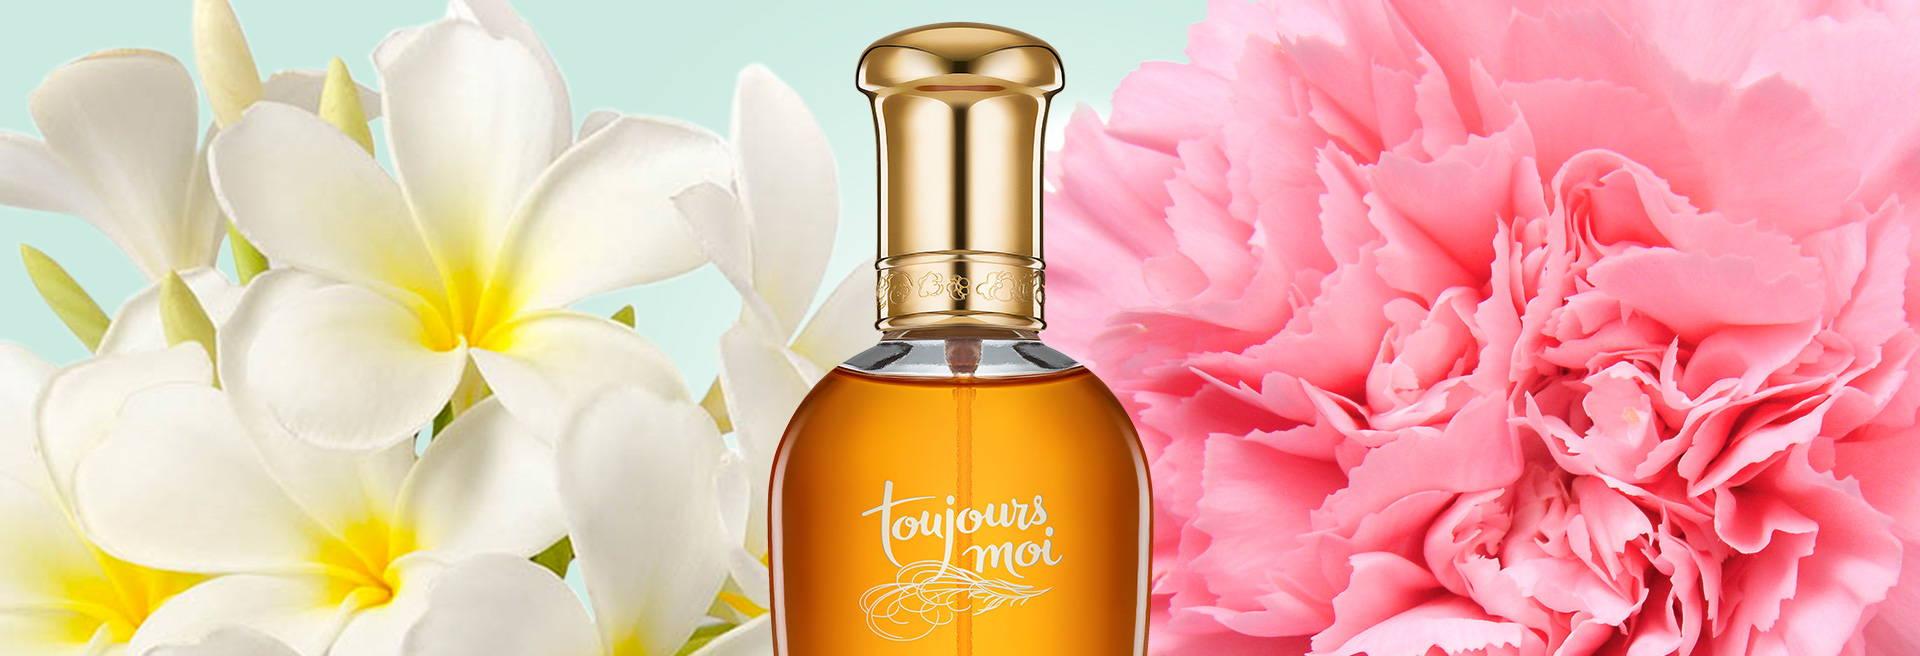 Bottle of Toujours Moi cologne, flowers